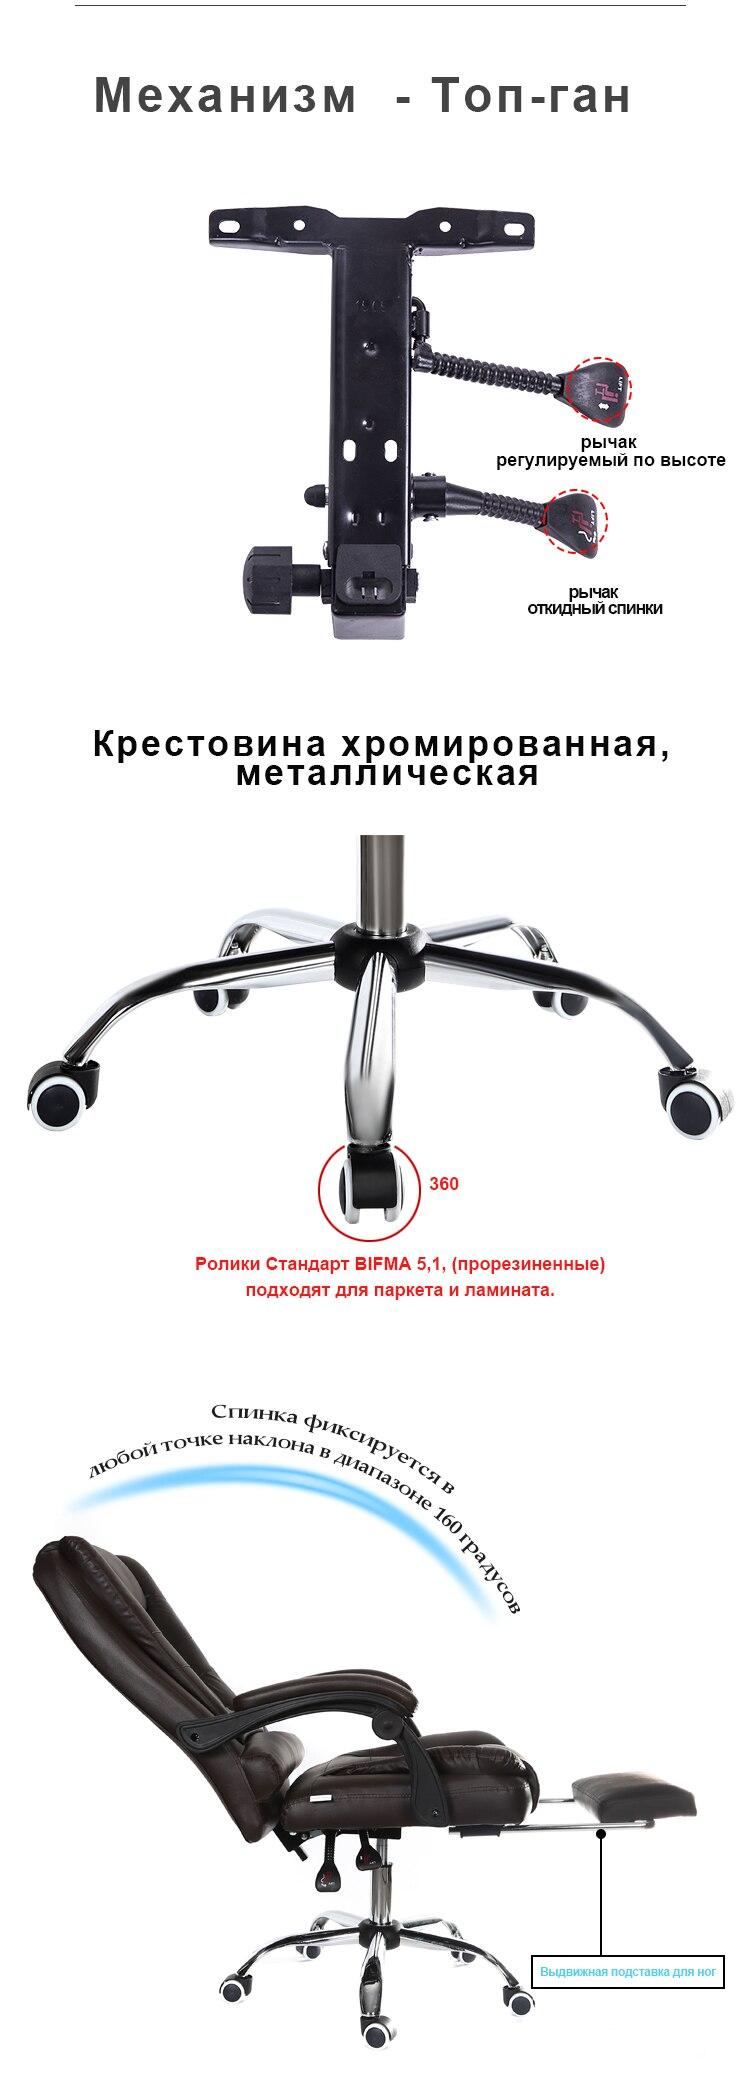 M888-俄文_05